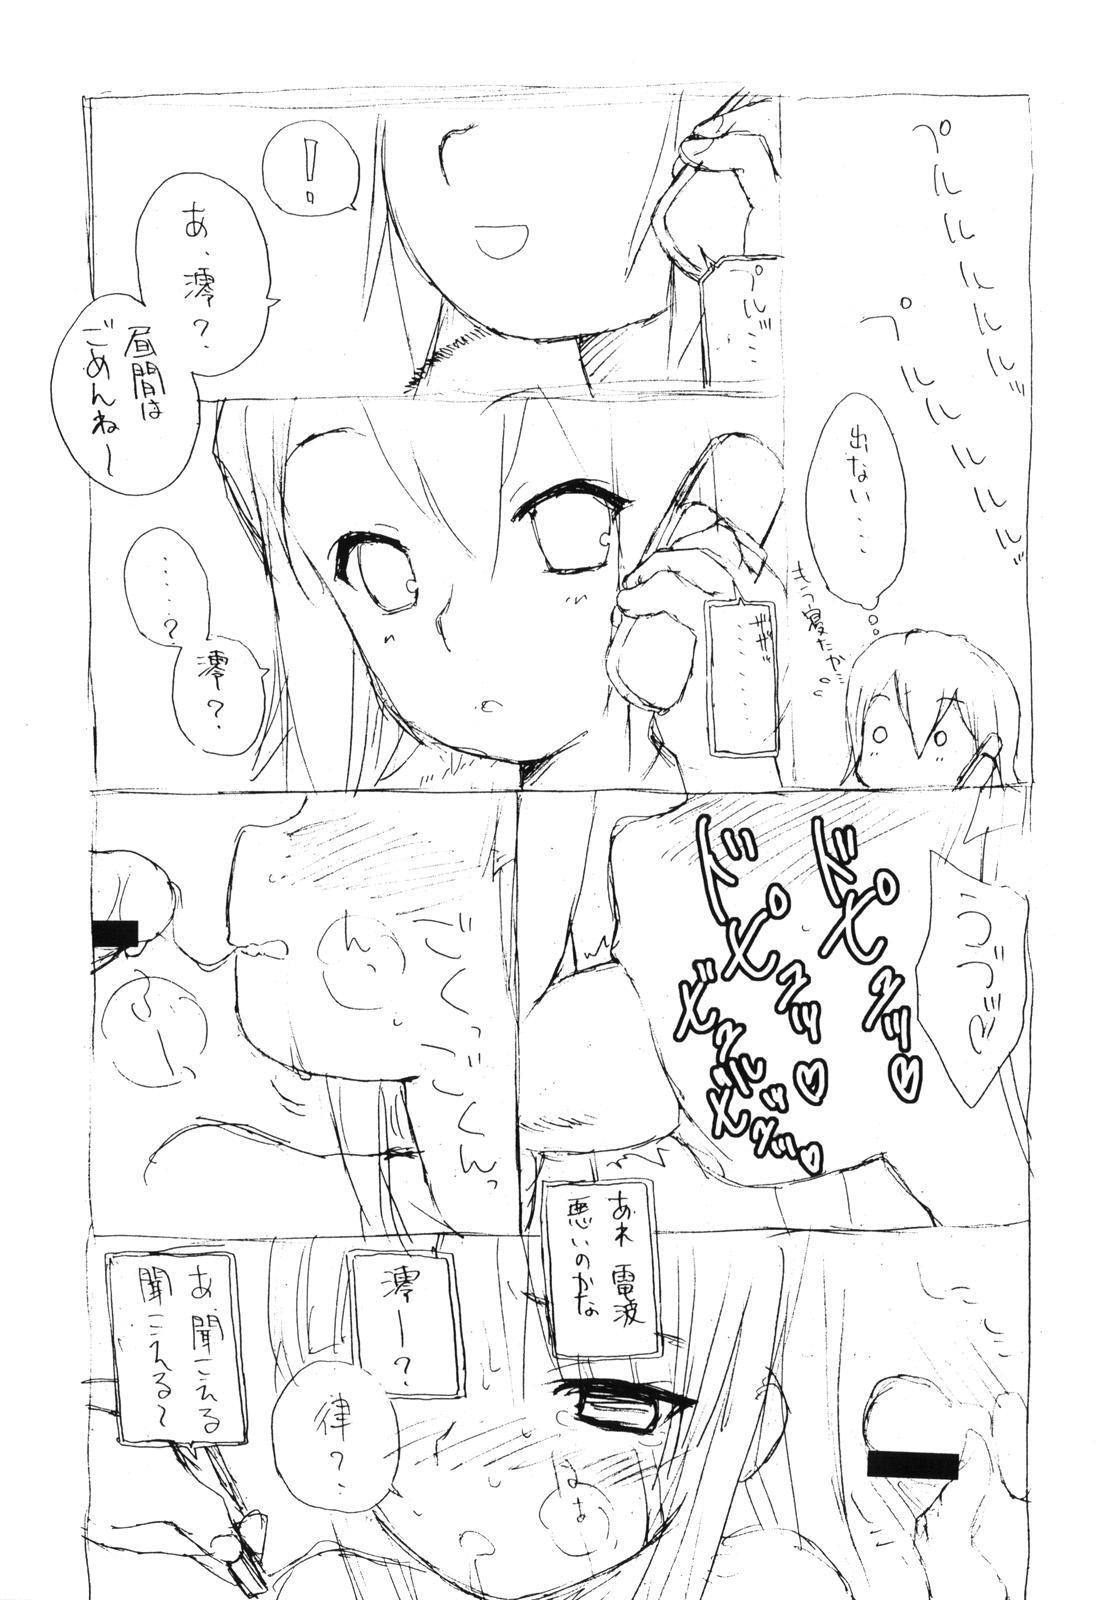 Mio no Onaka ni Dopyu Dopyu Shite Seieki Zuke ni Suru Hon 25